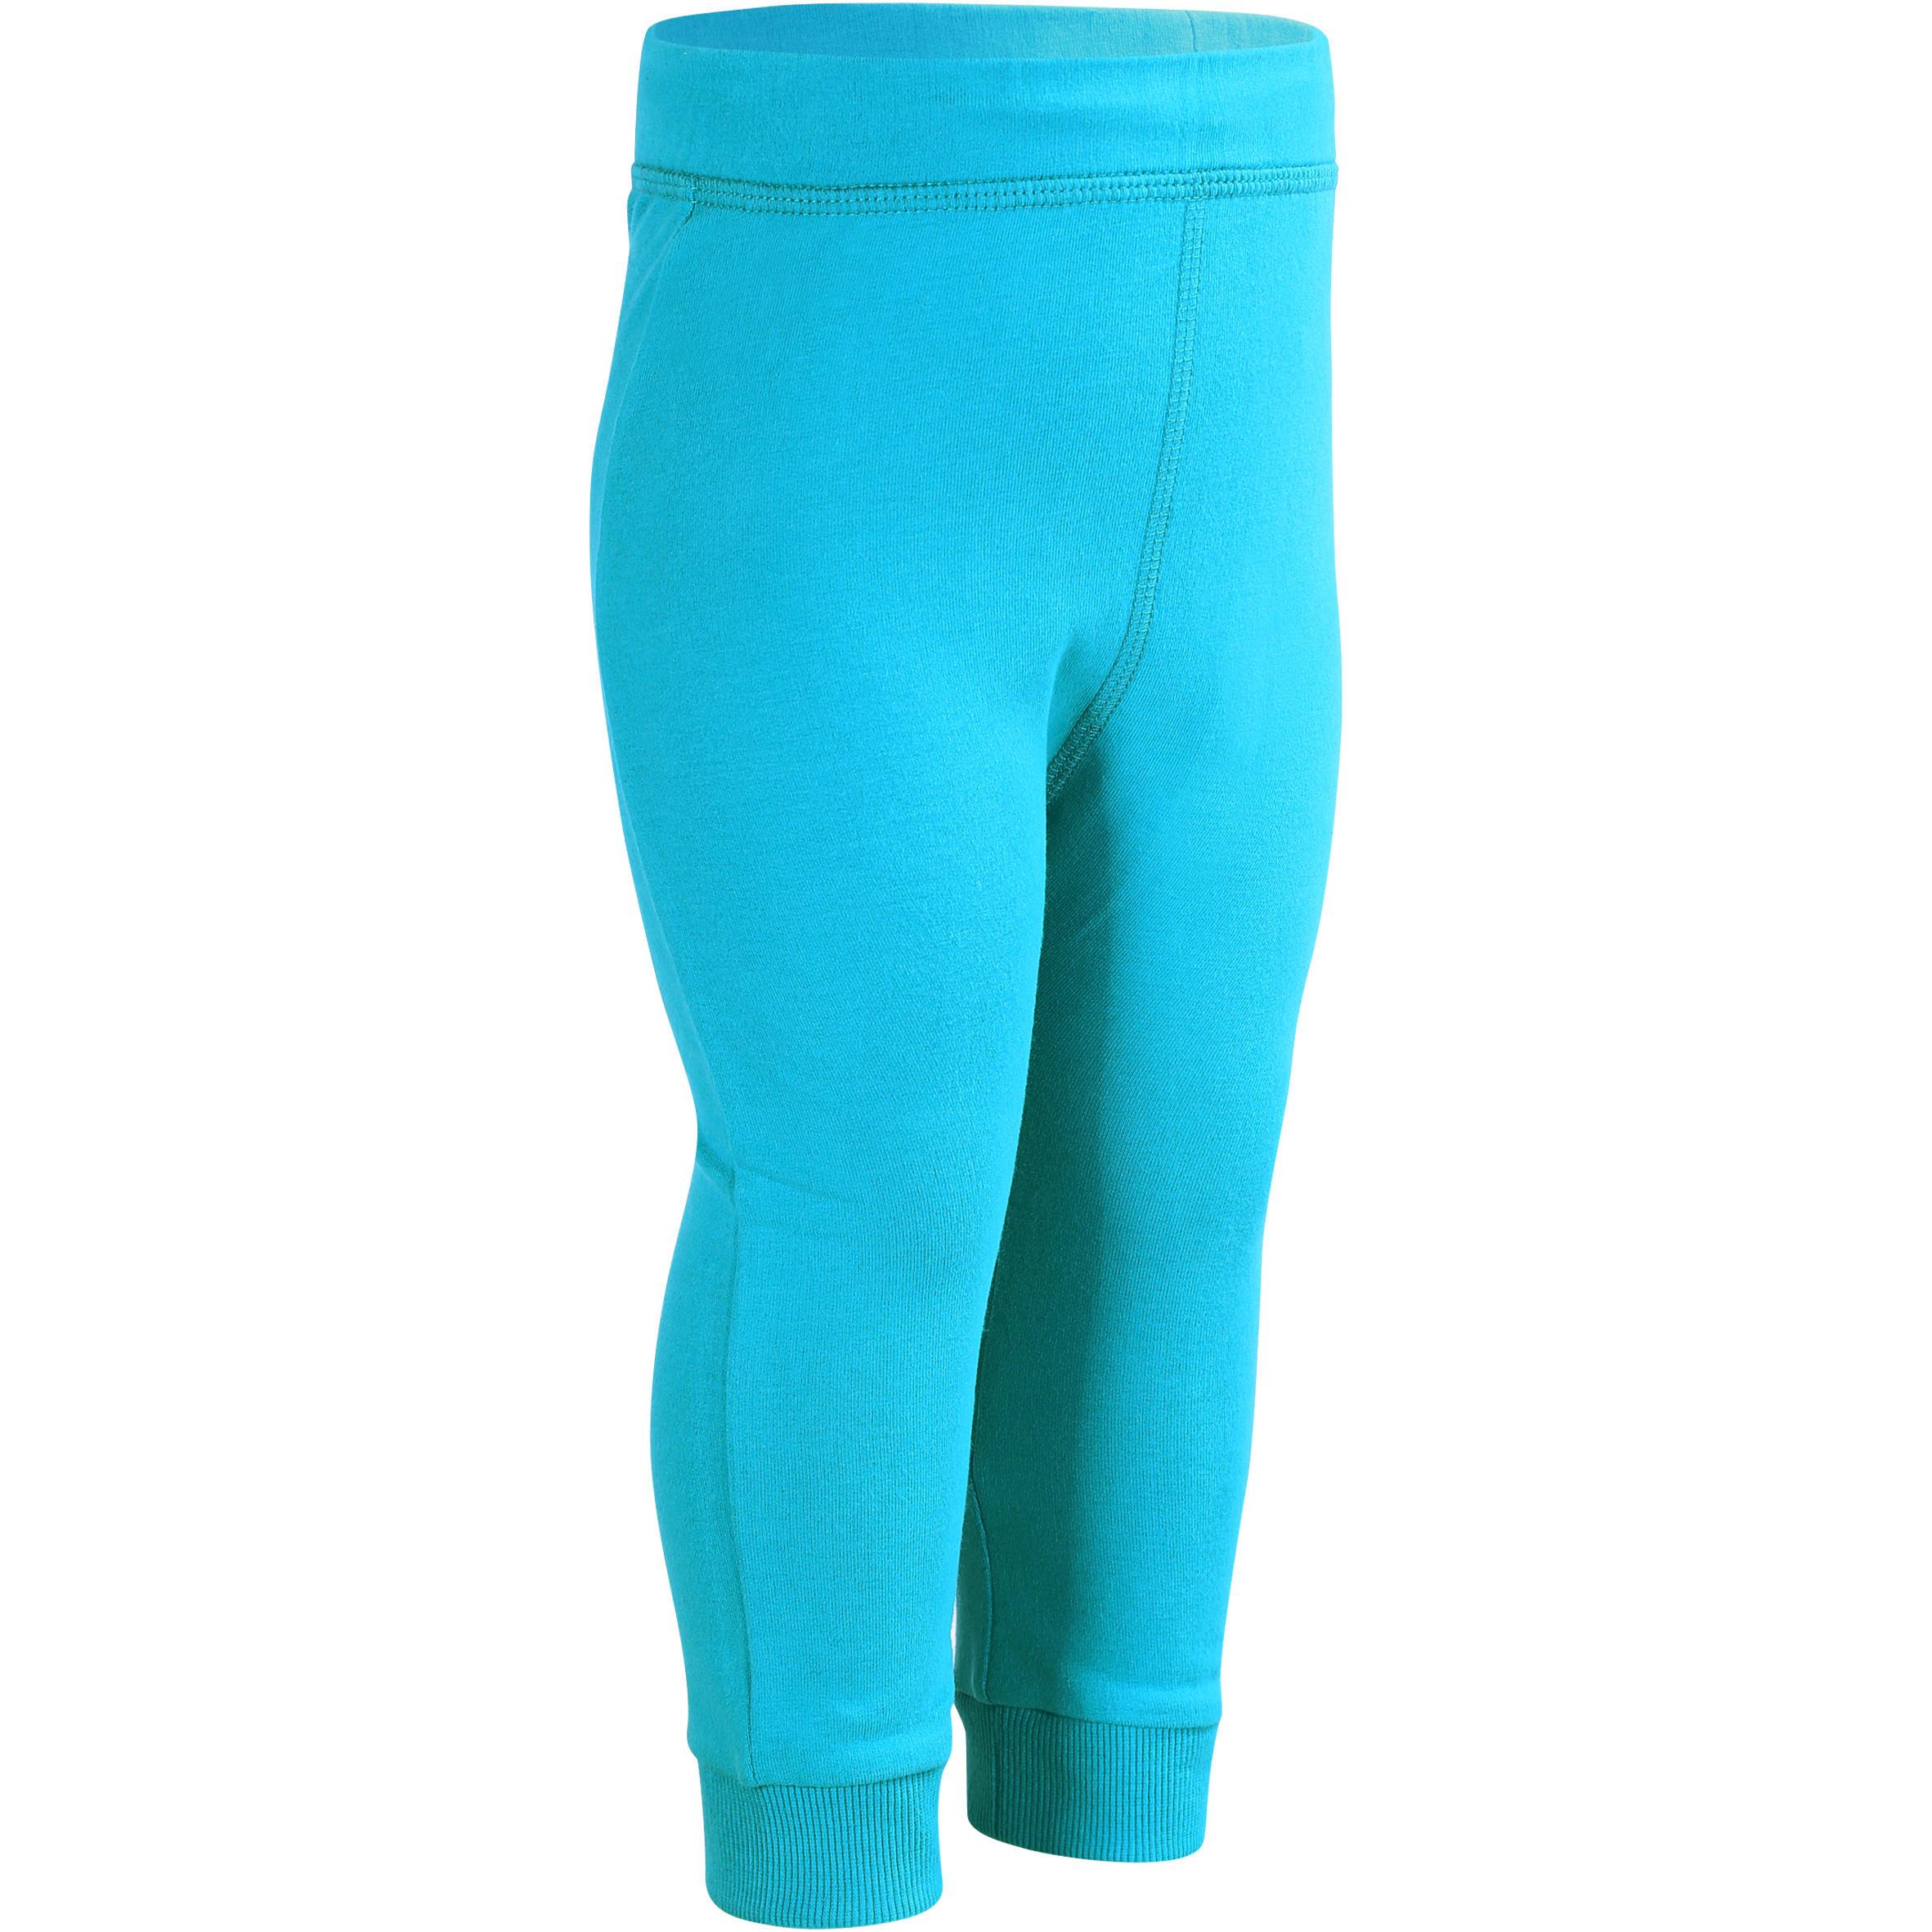 Pantalón cálido de gimnasia infantil azul